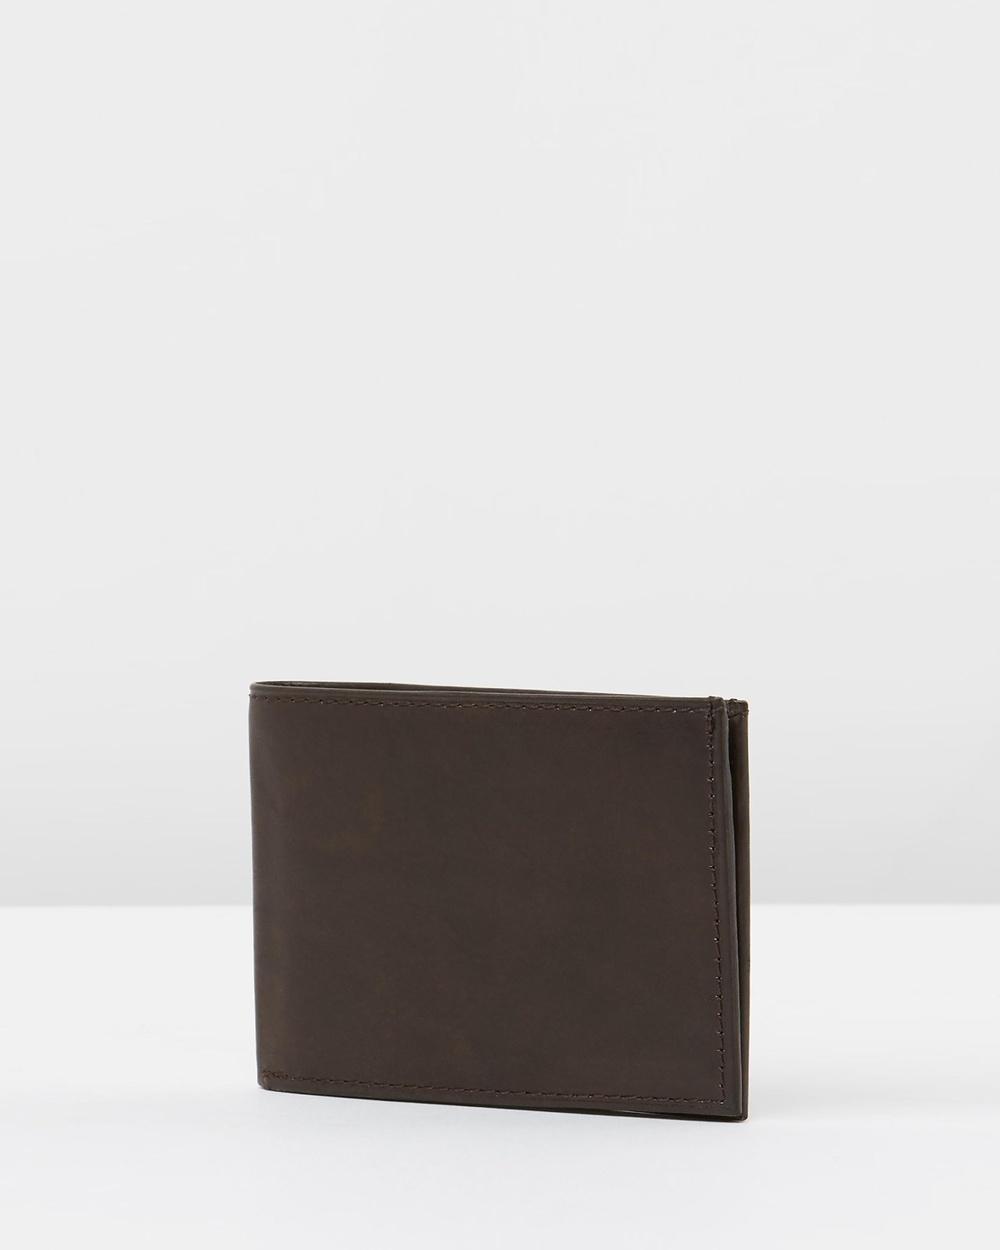 Loop Leather Co Slim Jim Wallets Choc